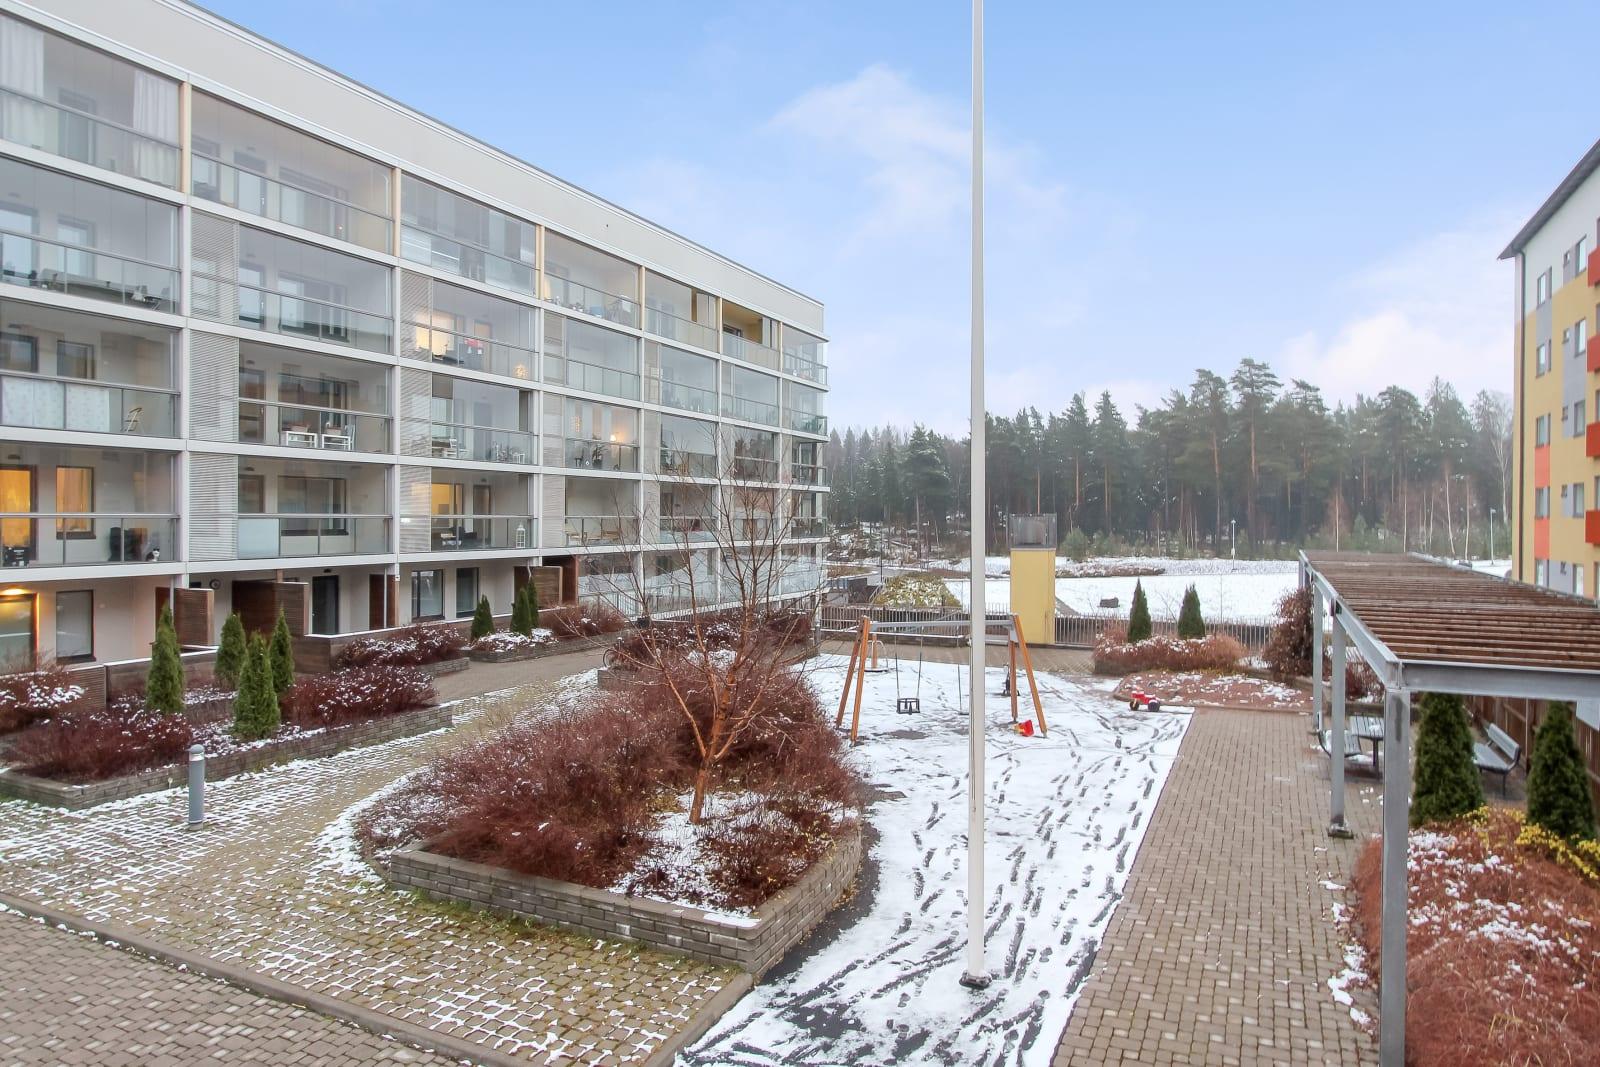 Helsinki, Aurinkolahti, Aurinkotuulenkatu 6, Hellekuja 1